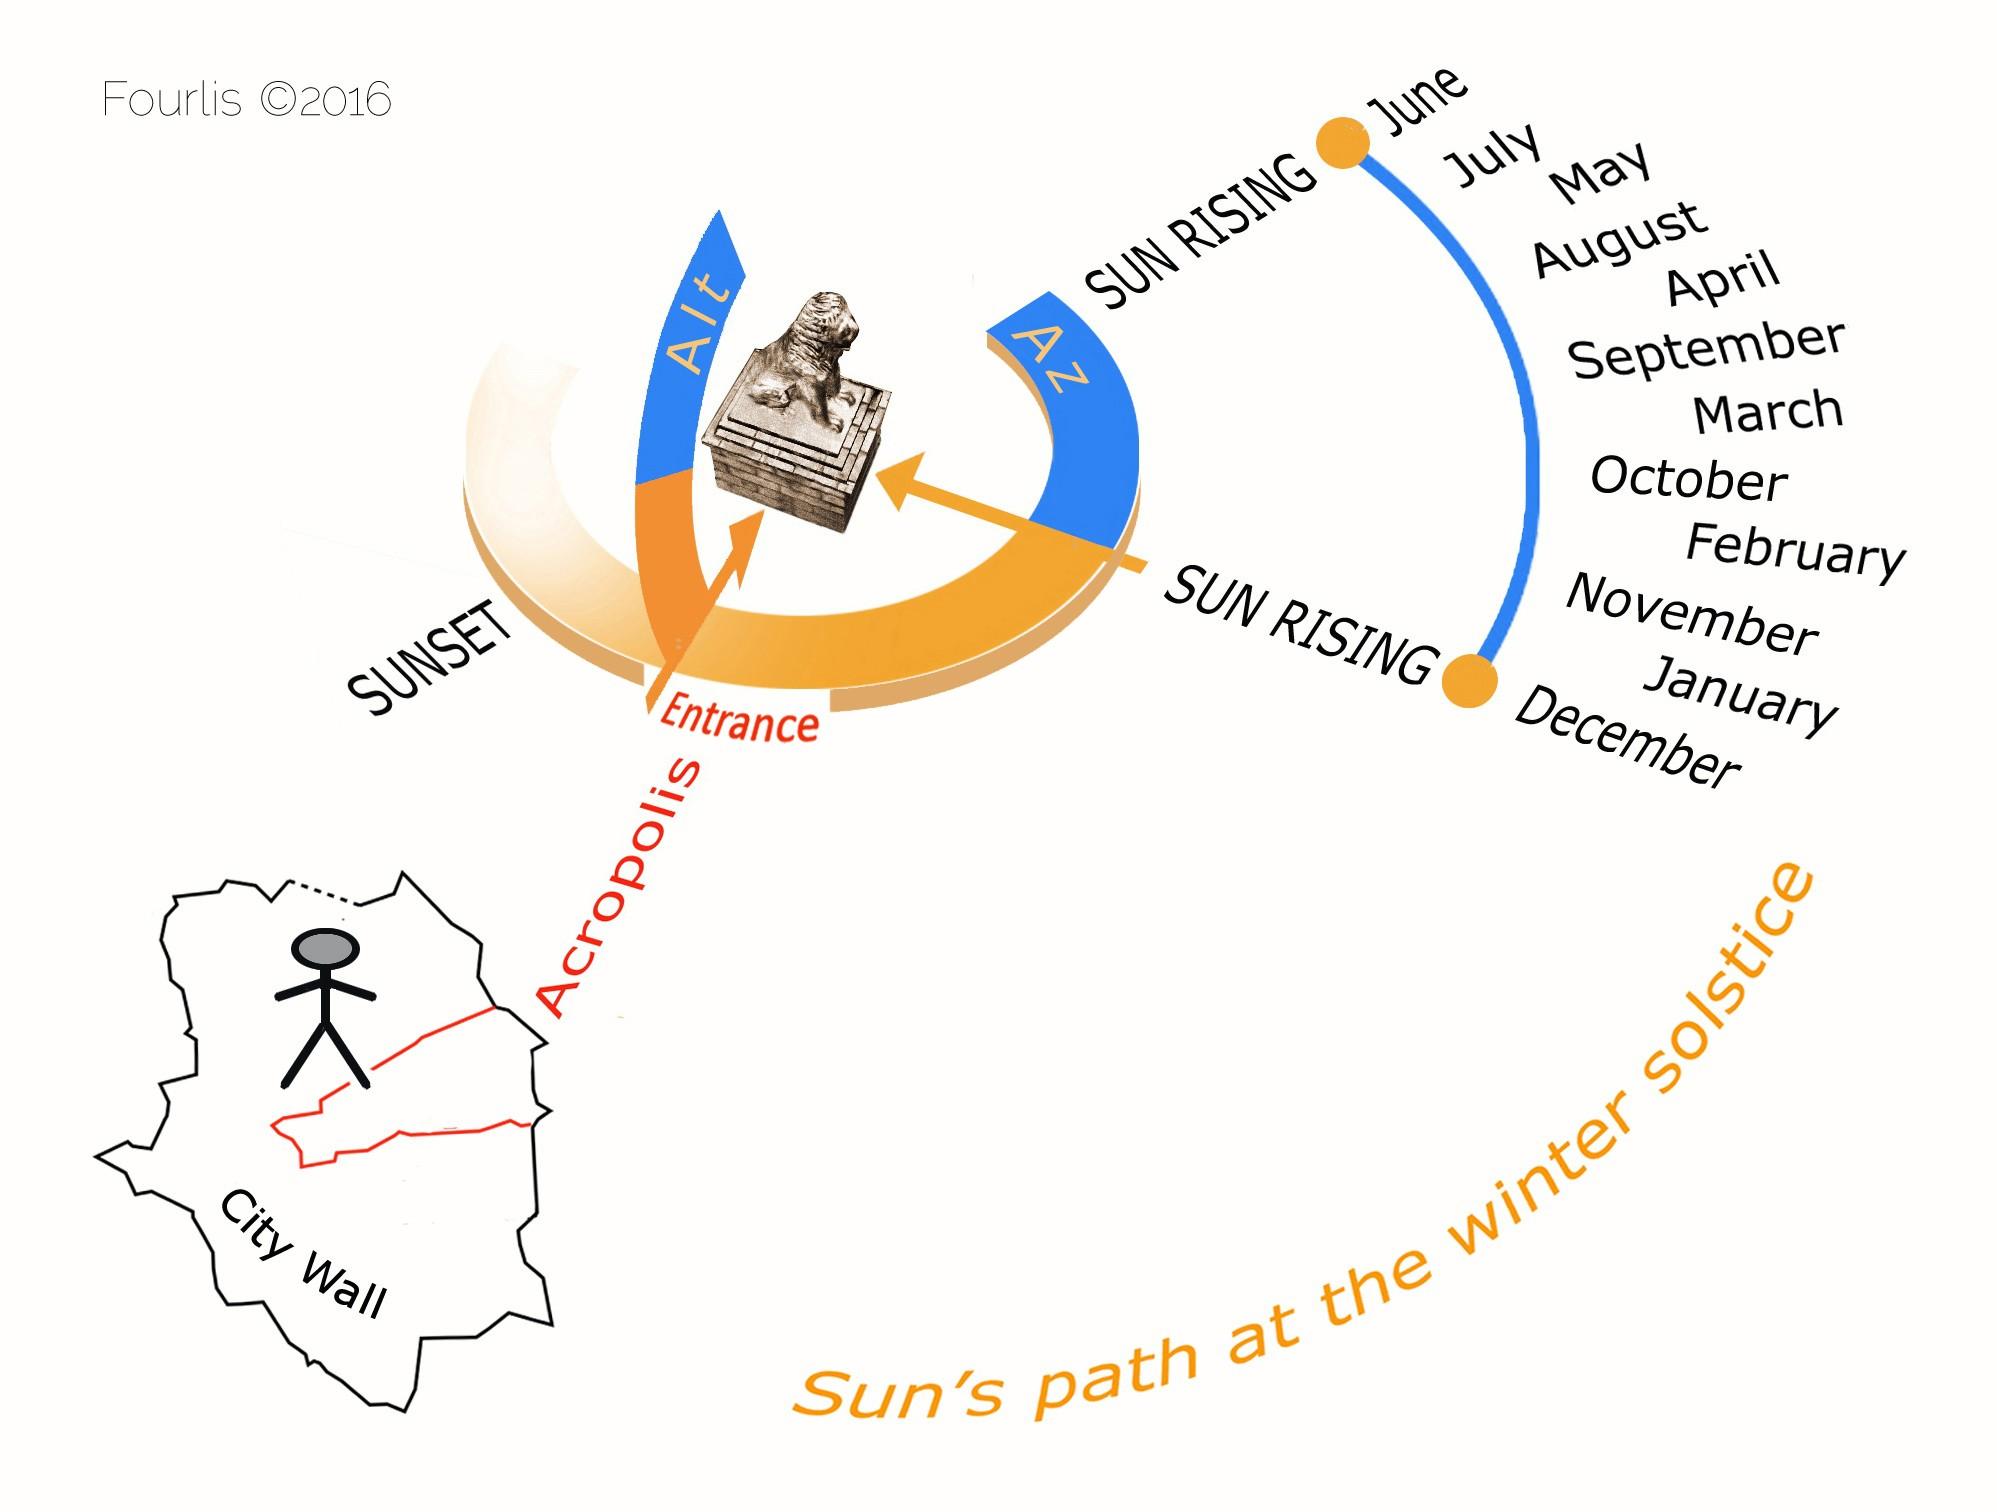 Χρονοδιάγραμμα της κίνησης του ηλίου σε σχέση με το τοπίο και τον παρατηρητή